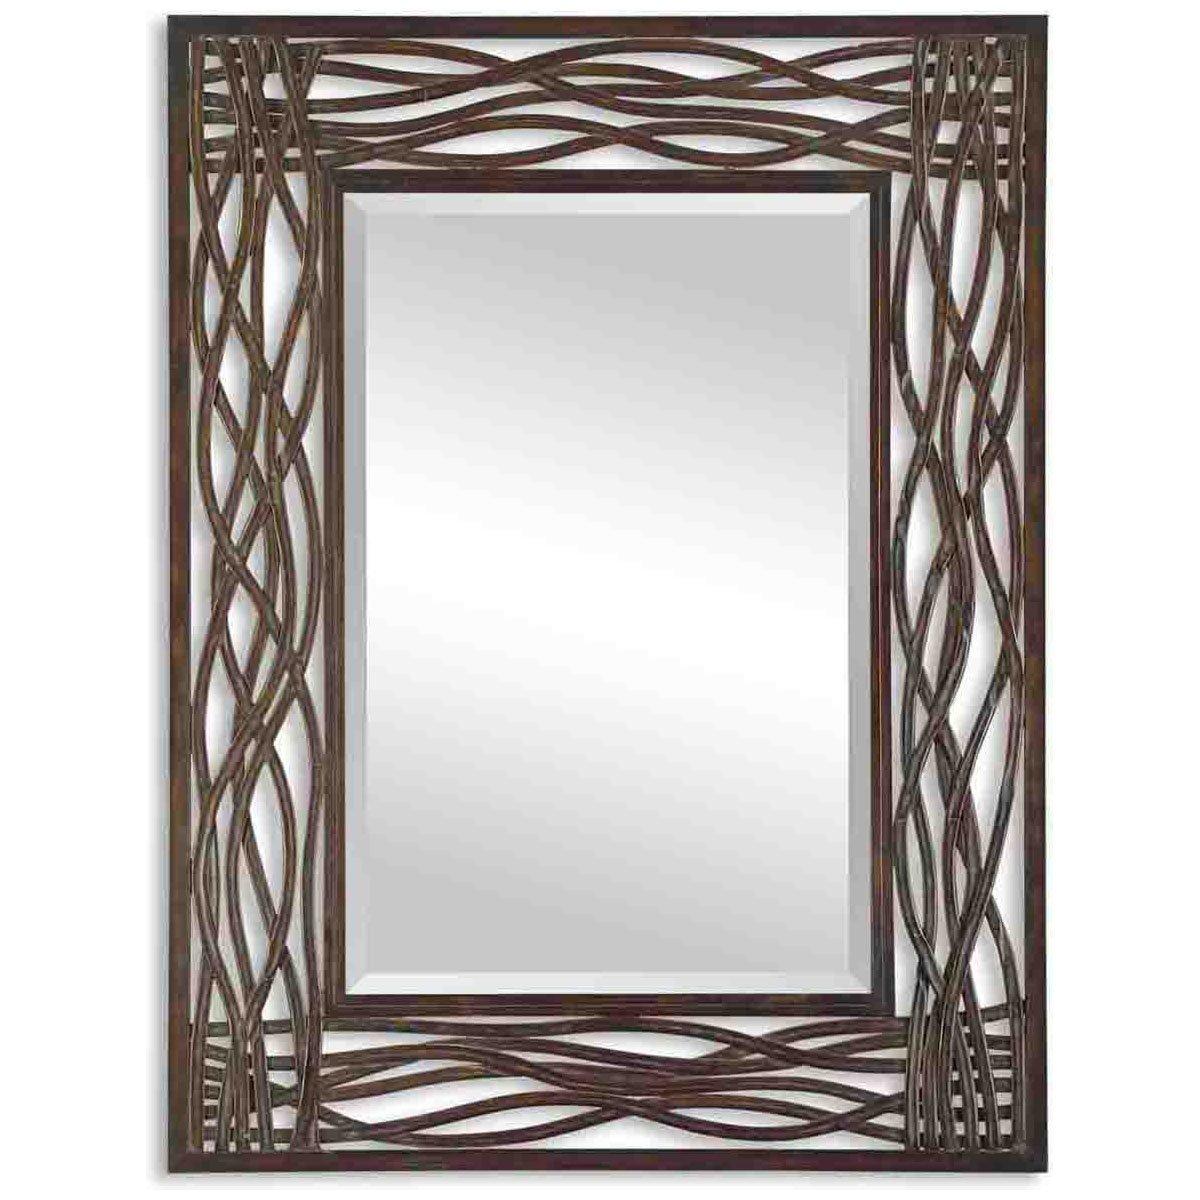 Uttermost Dorigrass Mirror 0.5 x 32 x 42'', Mocha Brown